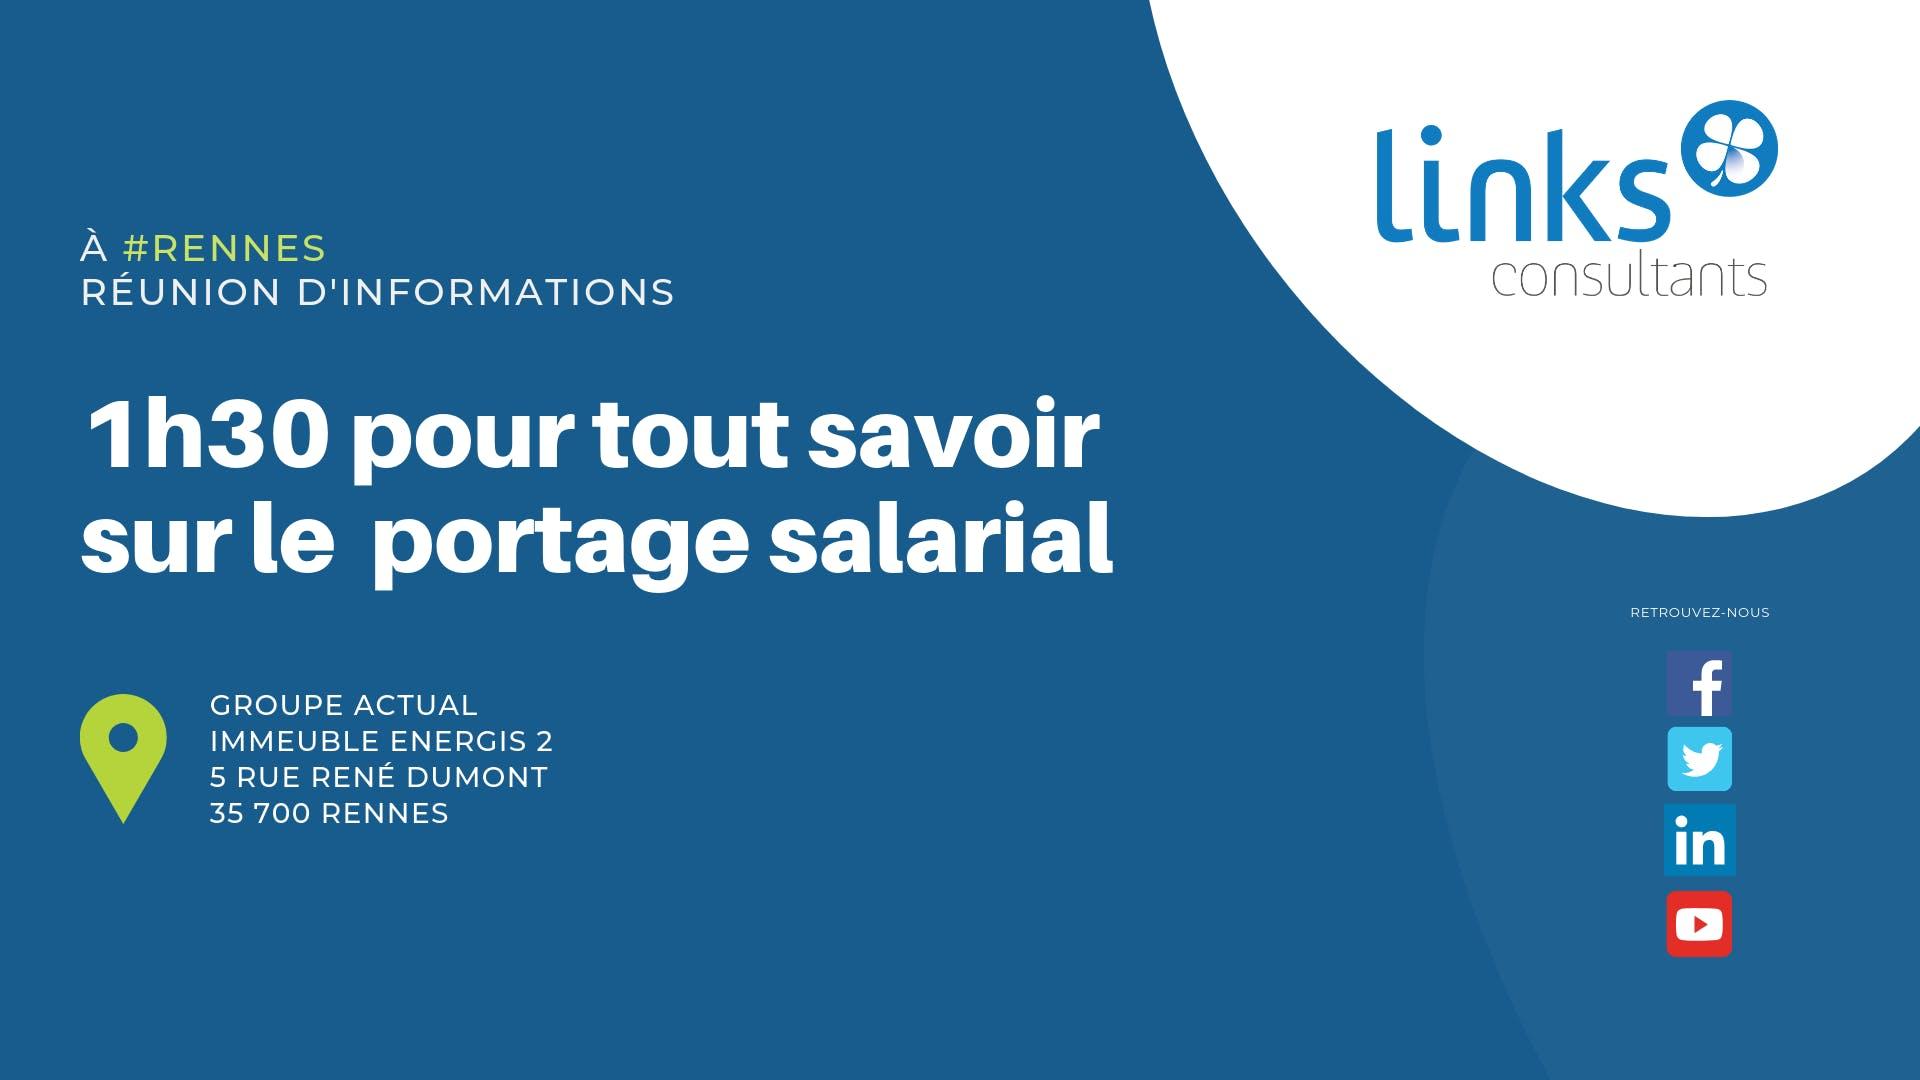 1h30 pour tout savoir sur le portage salarial #Rennes | Links Consultants